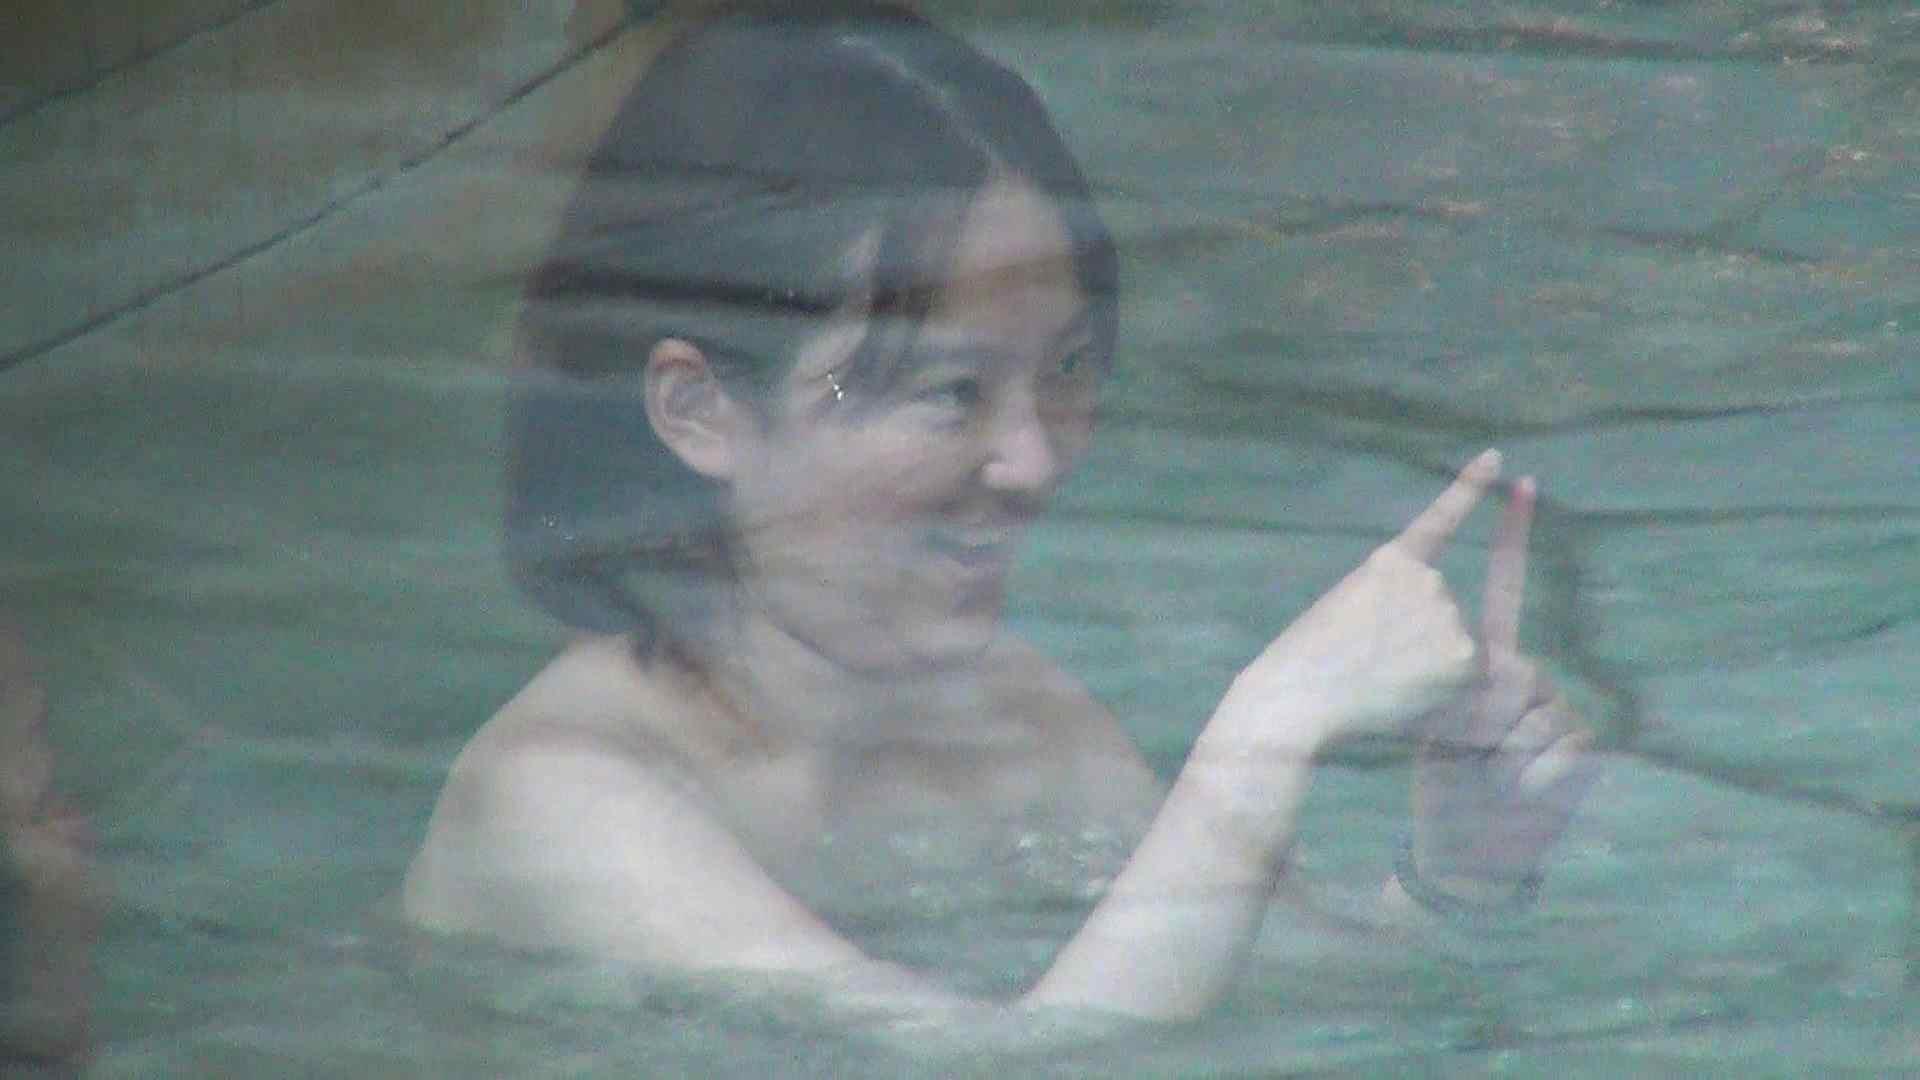 Aquaな露天風呂Vol.297 露天  103画像 90